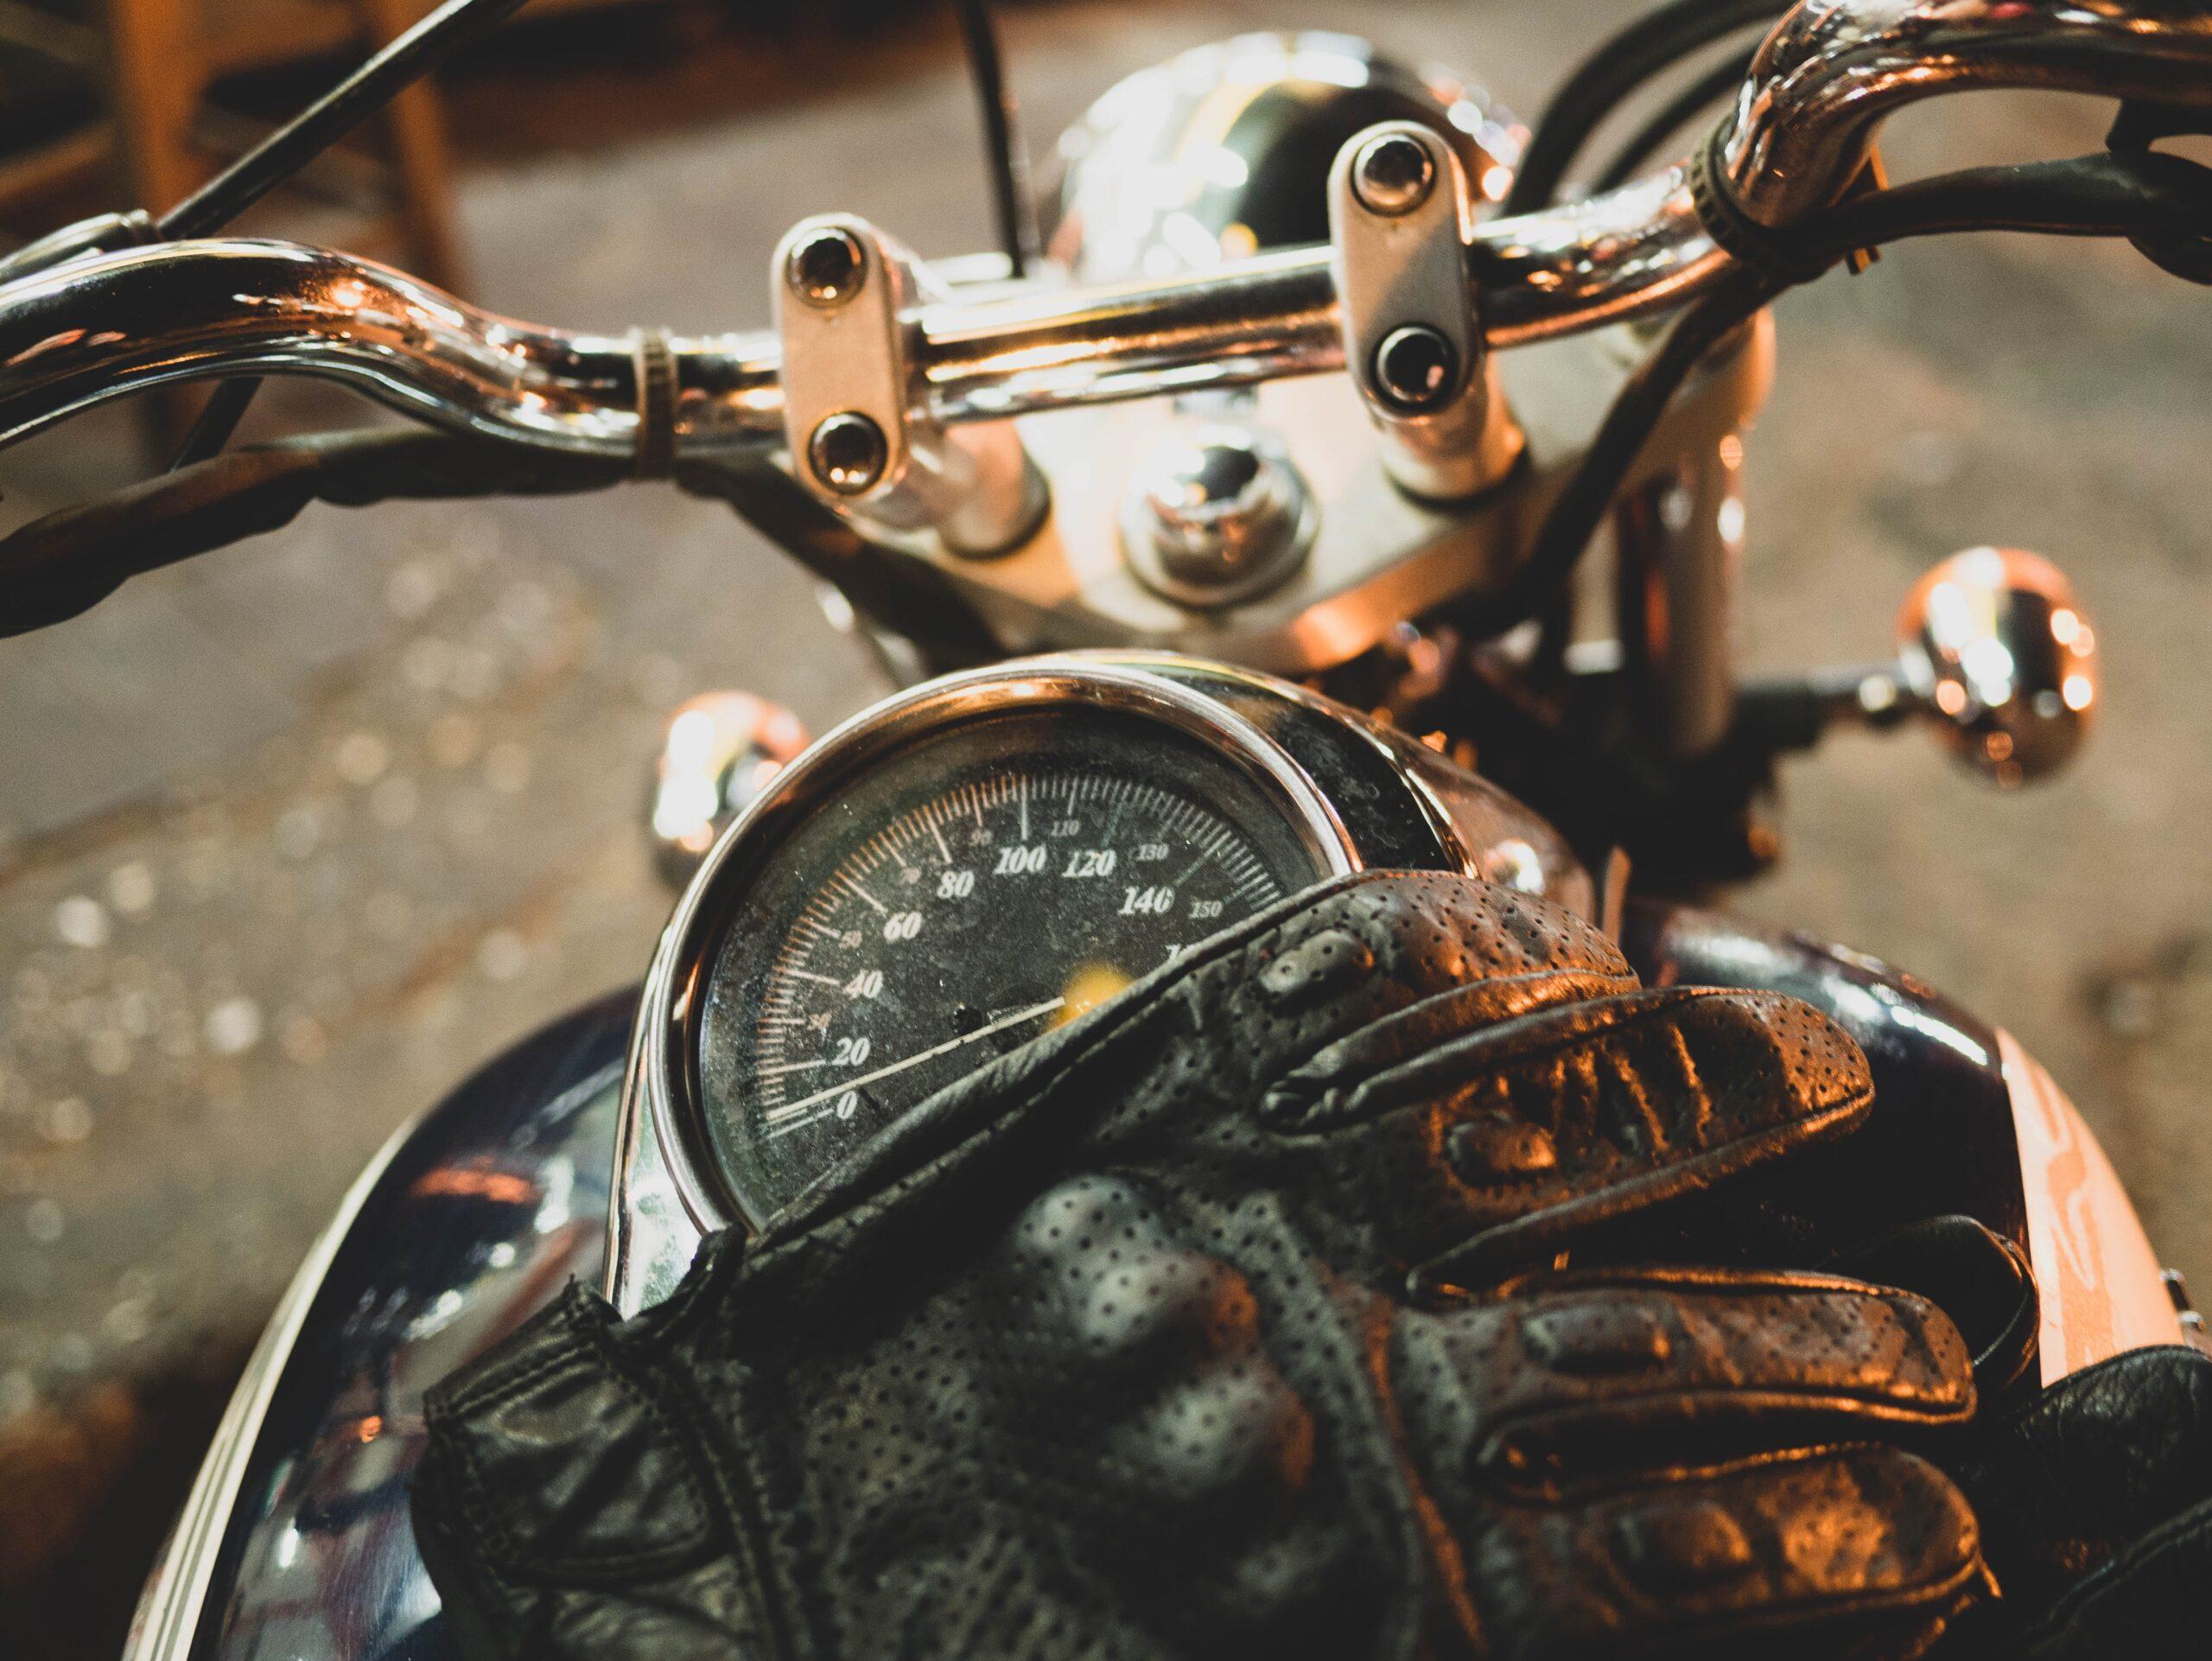 Guantes motos Valencia